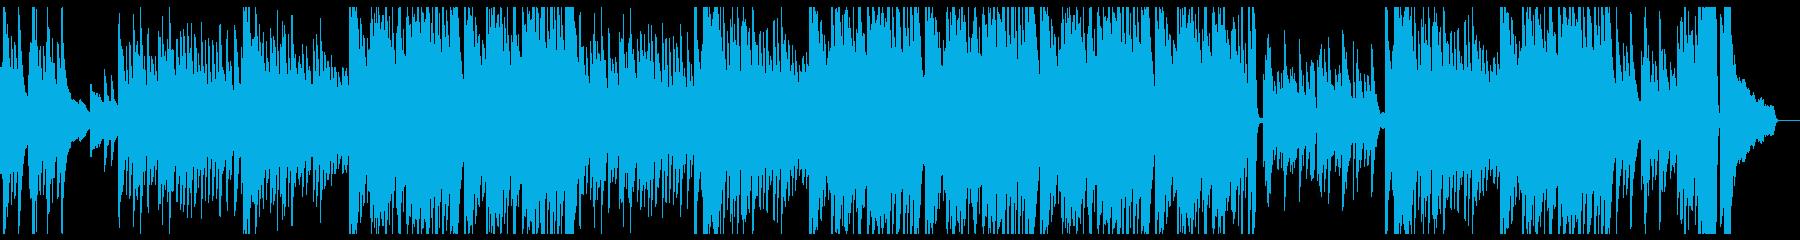 感動的なピアノソロの再生済みの波形